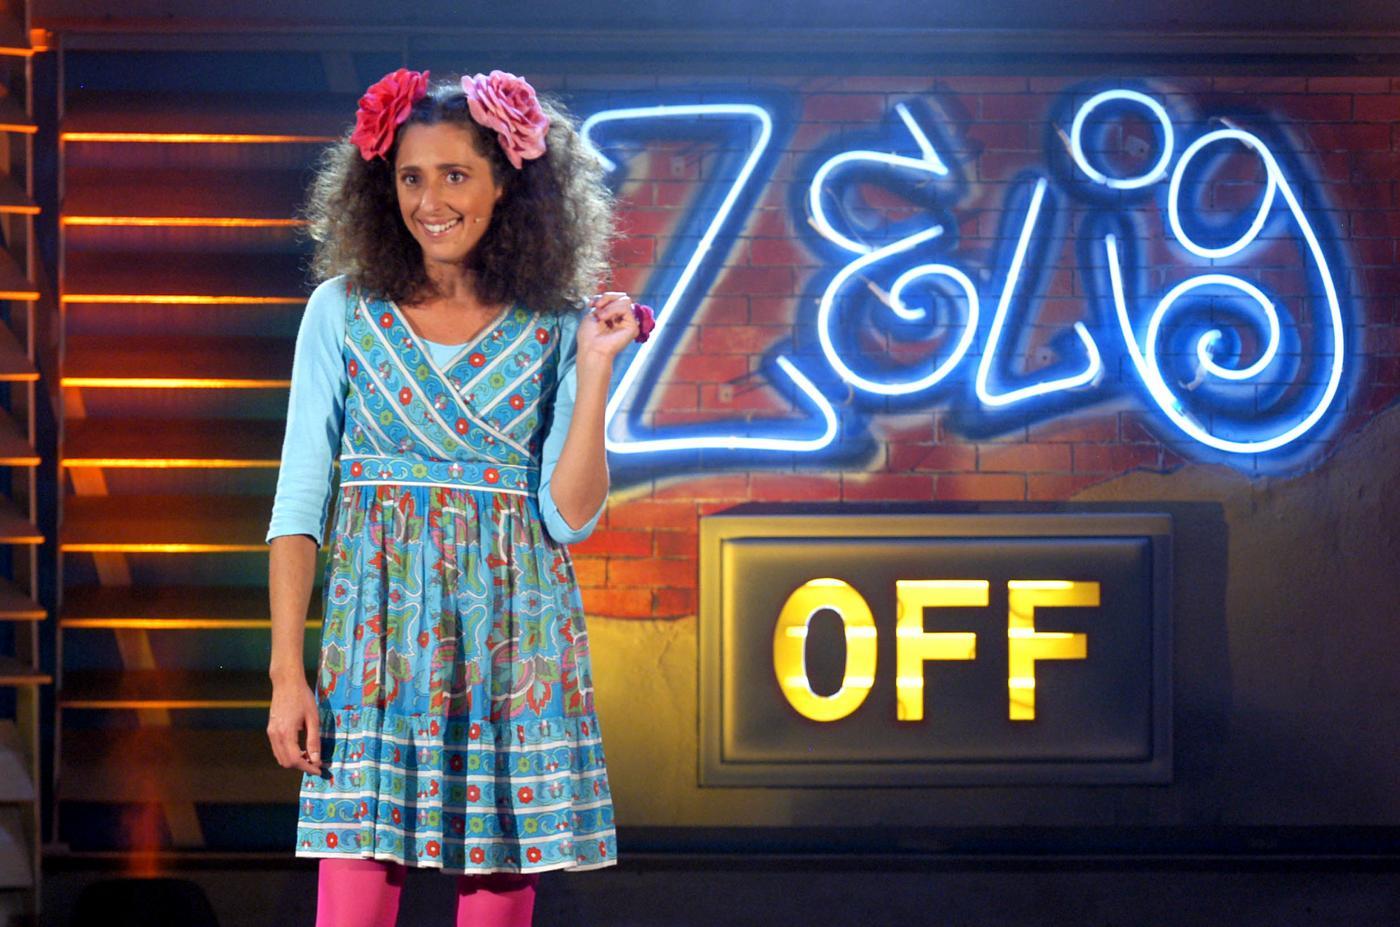 Zelig 2013: i conduttori Teresa Mannino e Mago Forest guidano la stagione delle novità